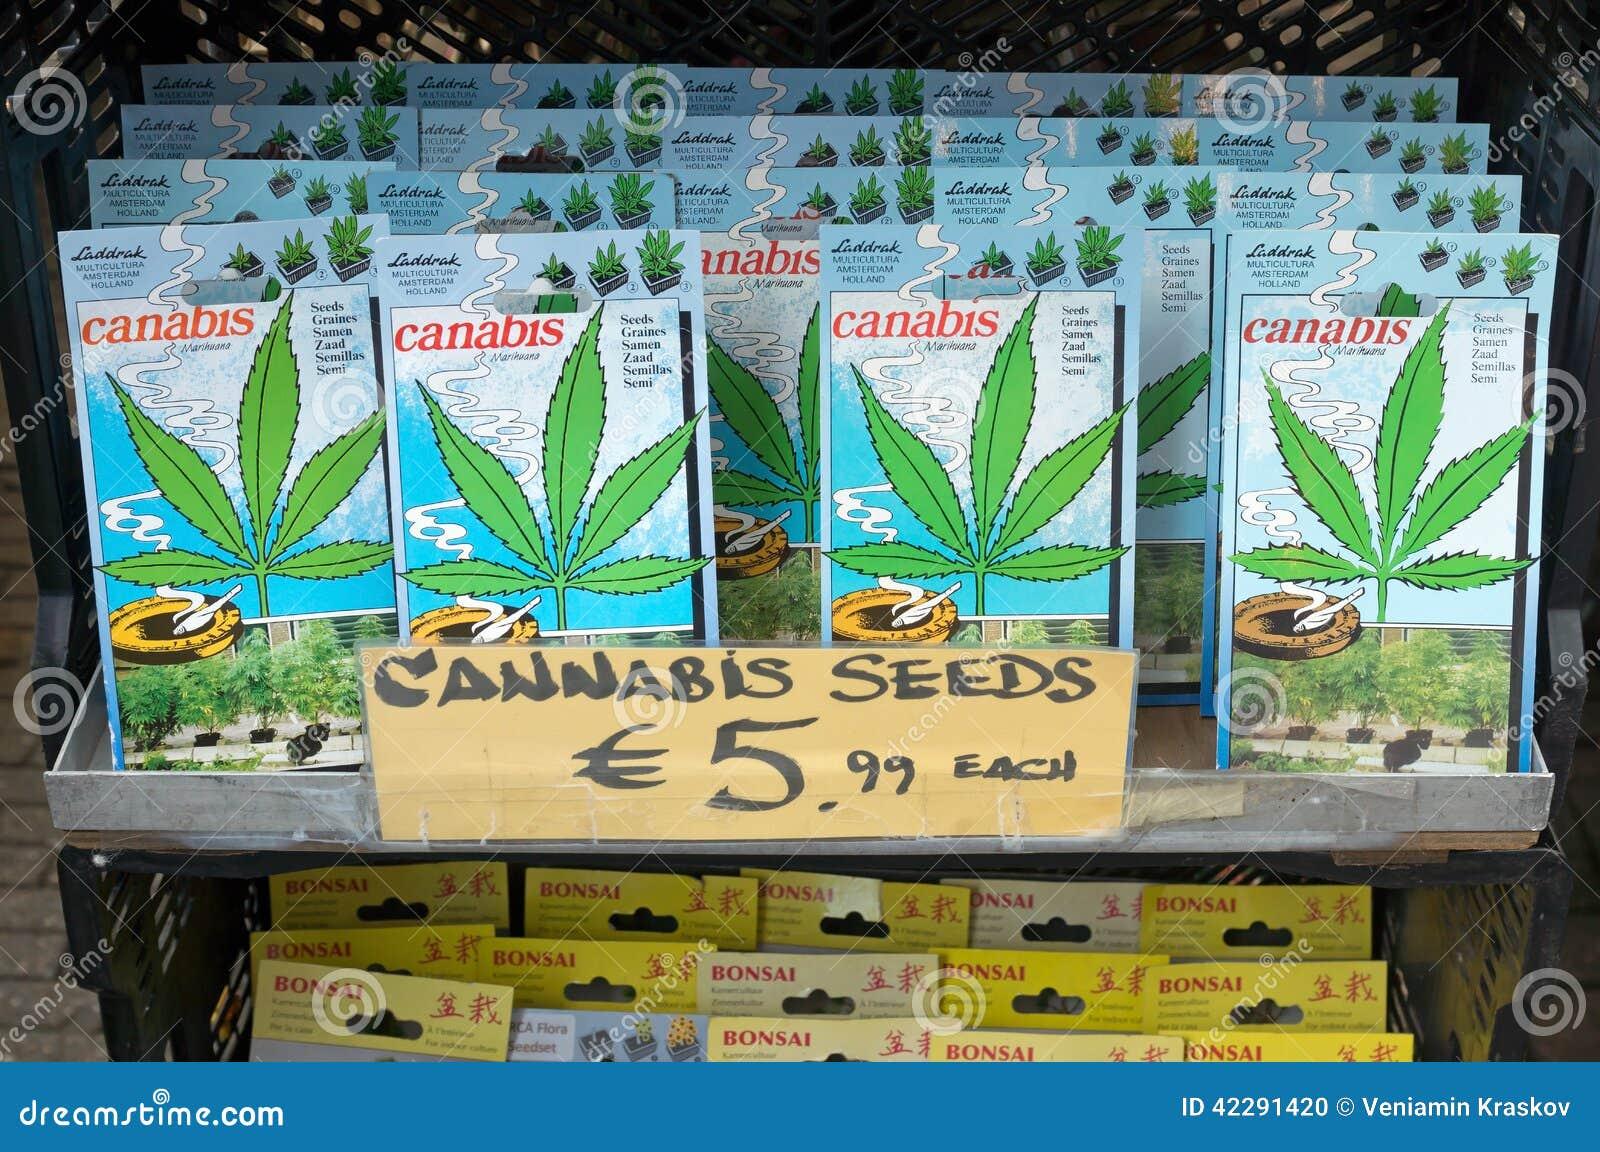 Семена конопли амстердам скачать марихуану бесплатно